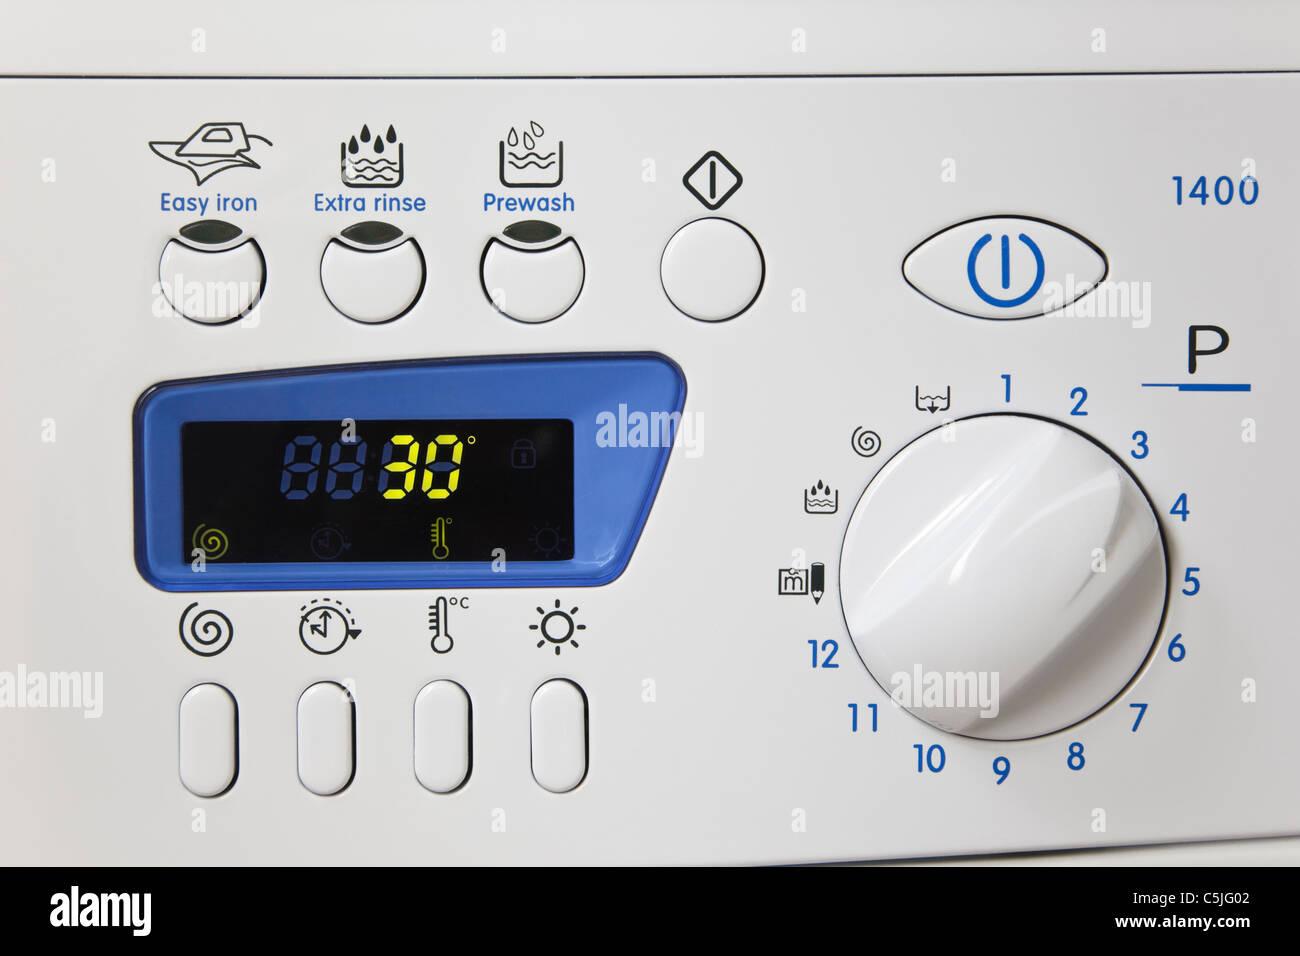 Lavadora automática panel de control se establece en un programa de cuidado fácil a baja temperatura de Imagen De Stock